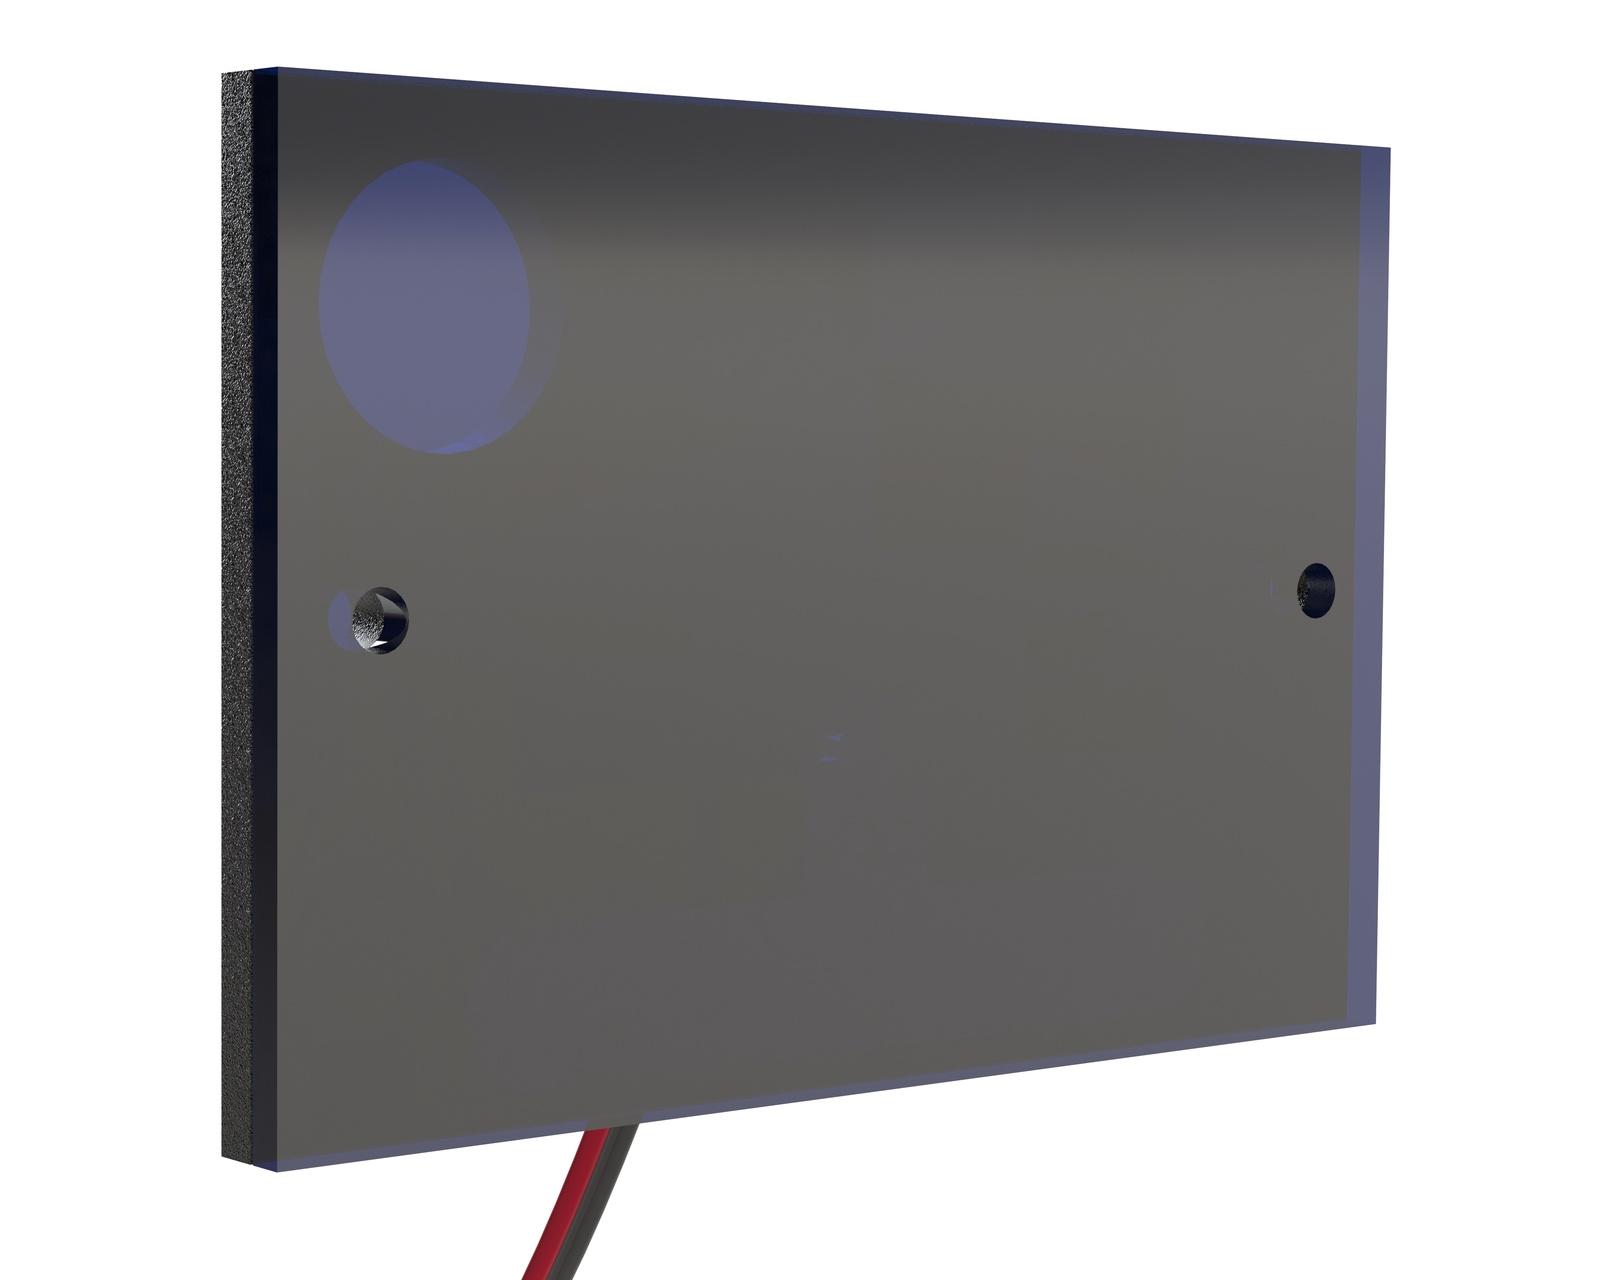 Инфракрасный прожектор Microlight IR Plate-2-850 Низкопрофильный 8 мм. Широкоугольный 120 град. Дальность до 8 метров ночного видения